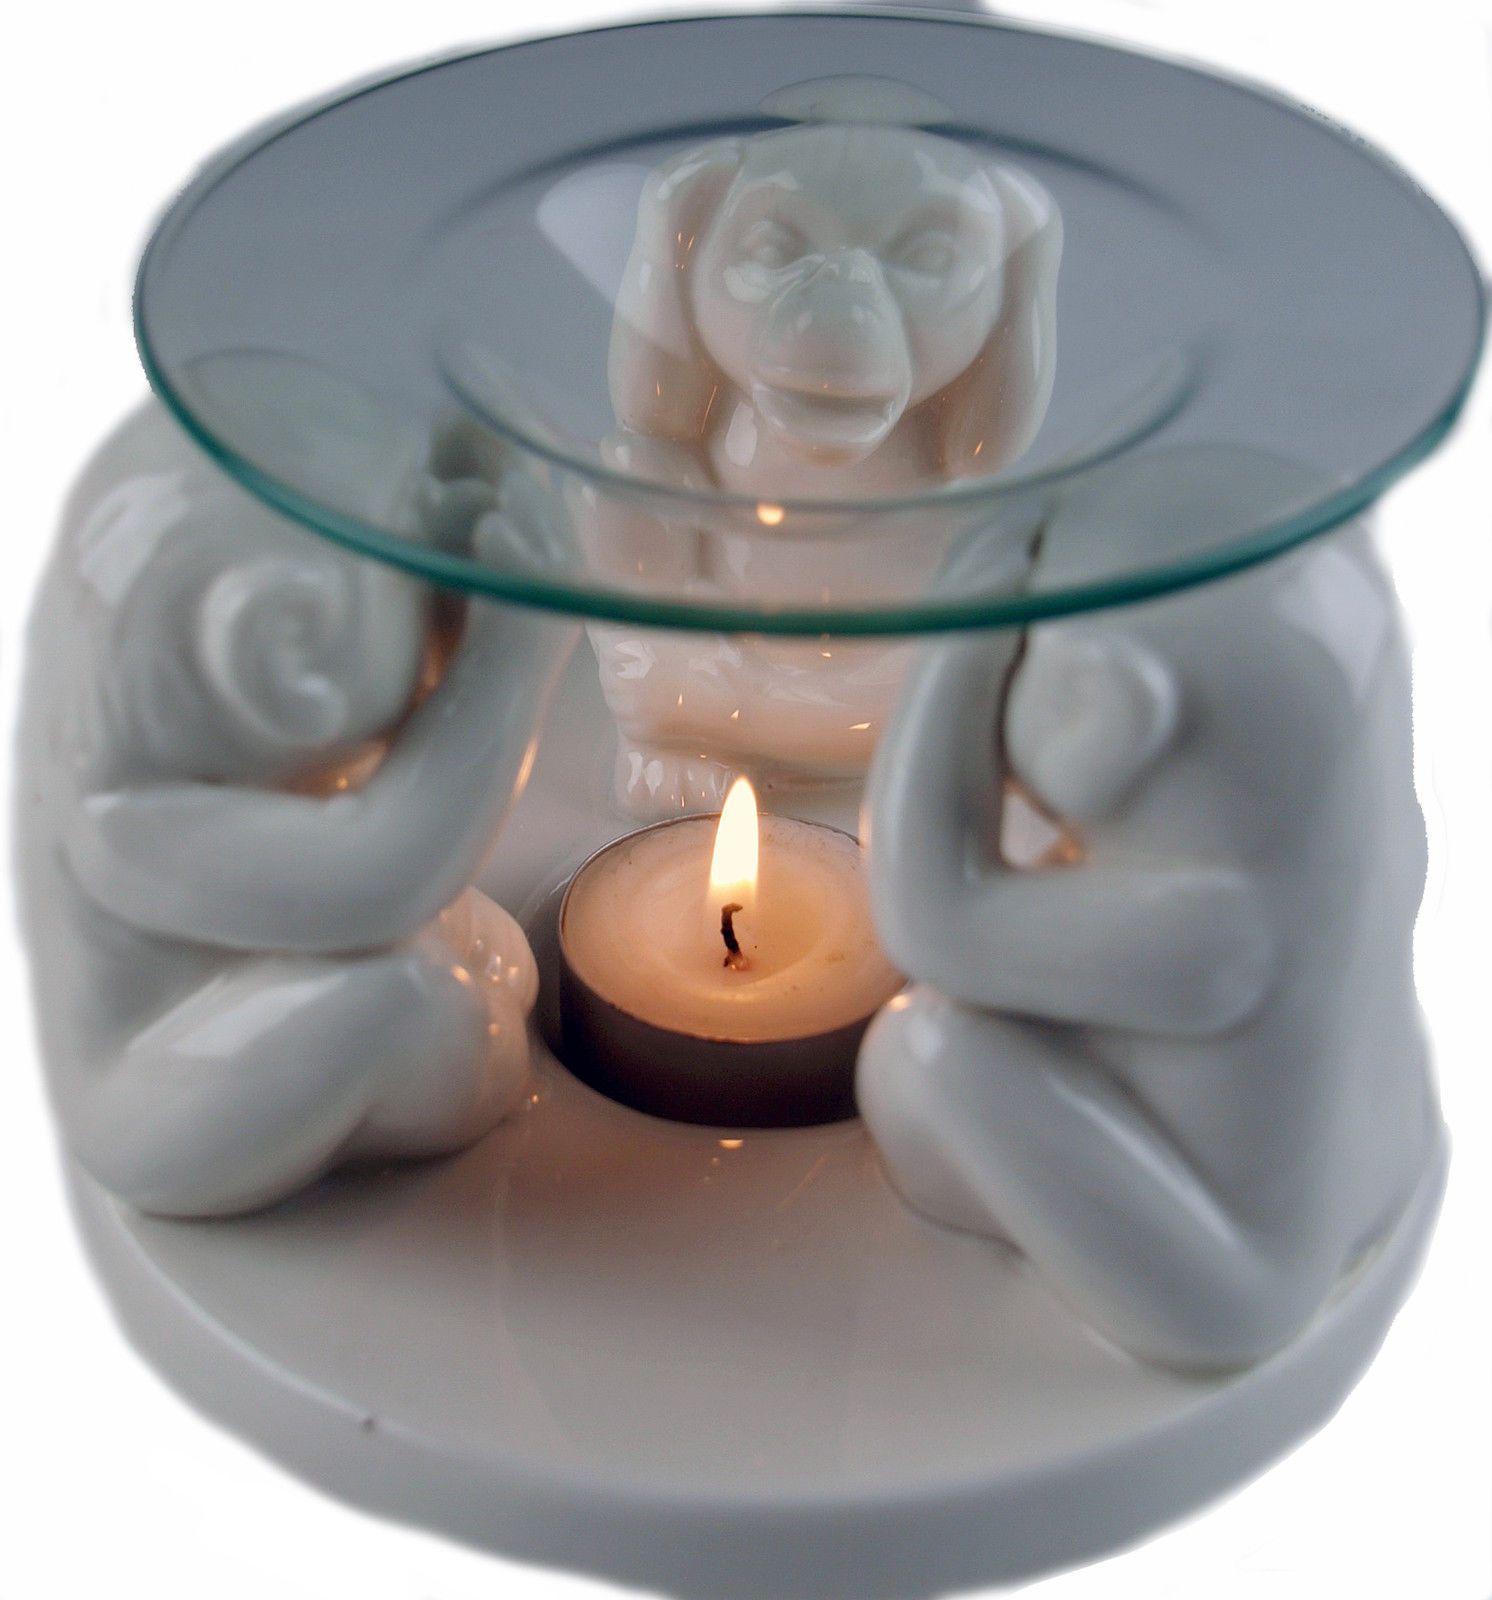 White 3 Wise Monkeys Ceramic Oil Burner